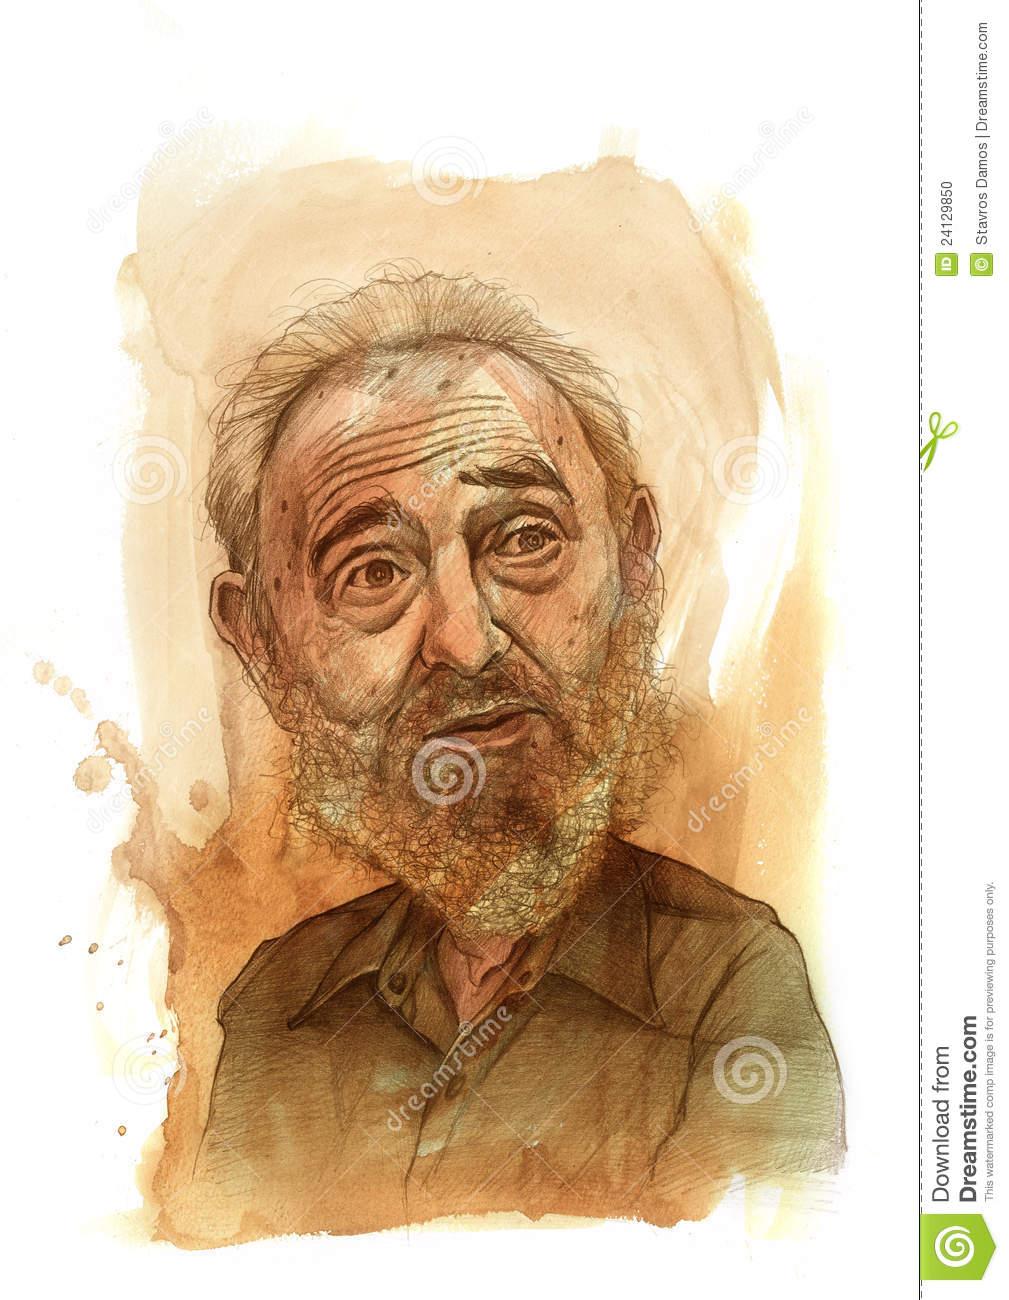 Fidel Castro Sketch Editorial Image.